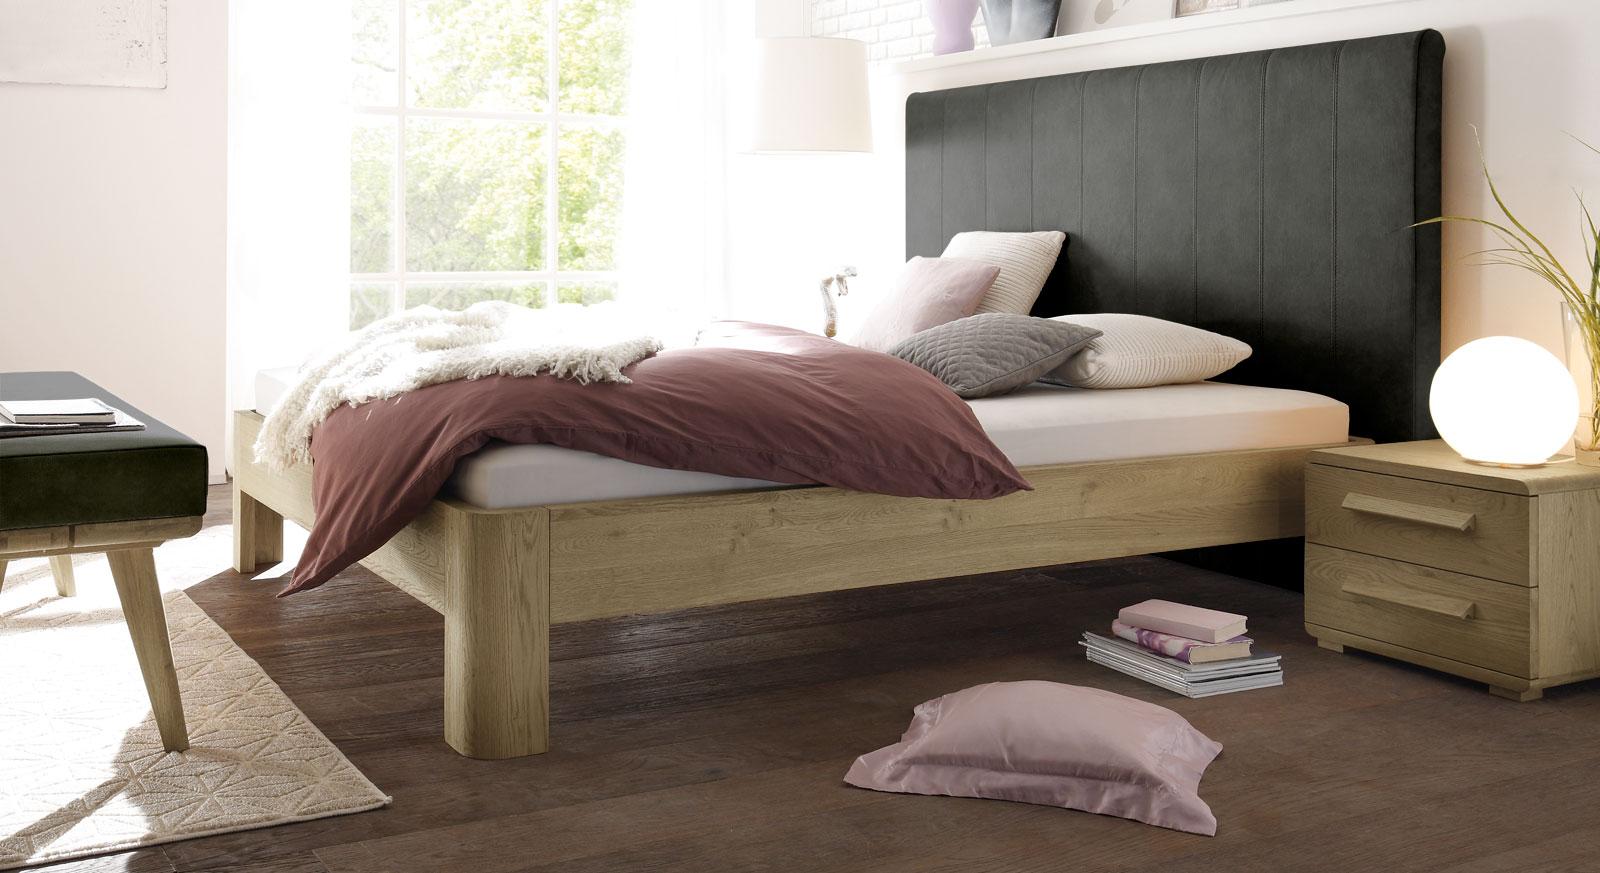 Bett Banco aus anthrazitfarbenem Kunstleder und Eiche